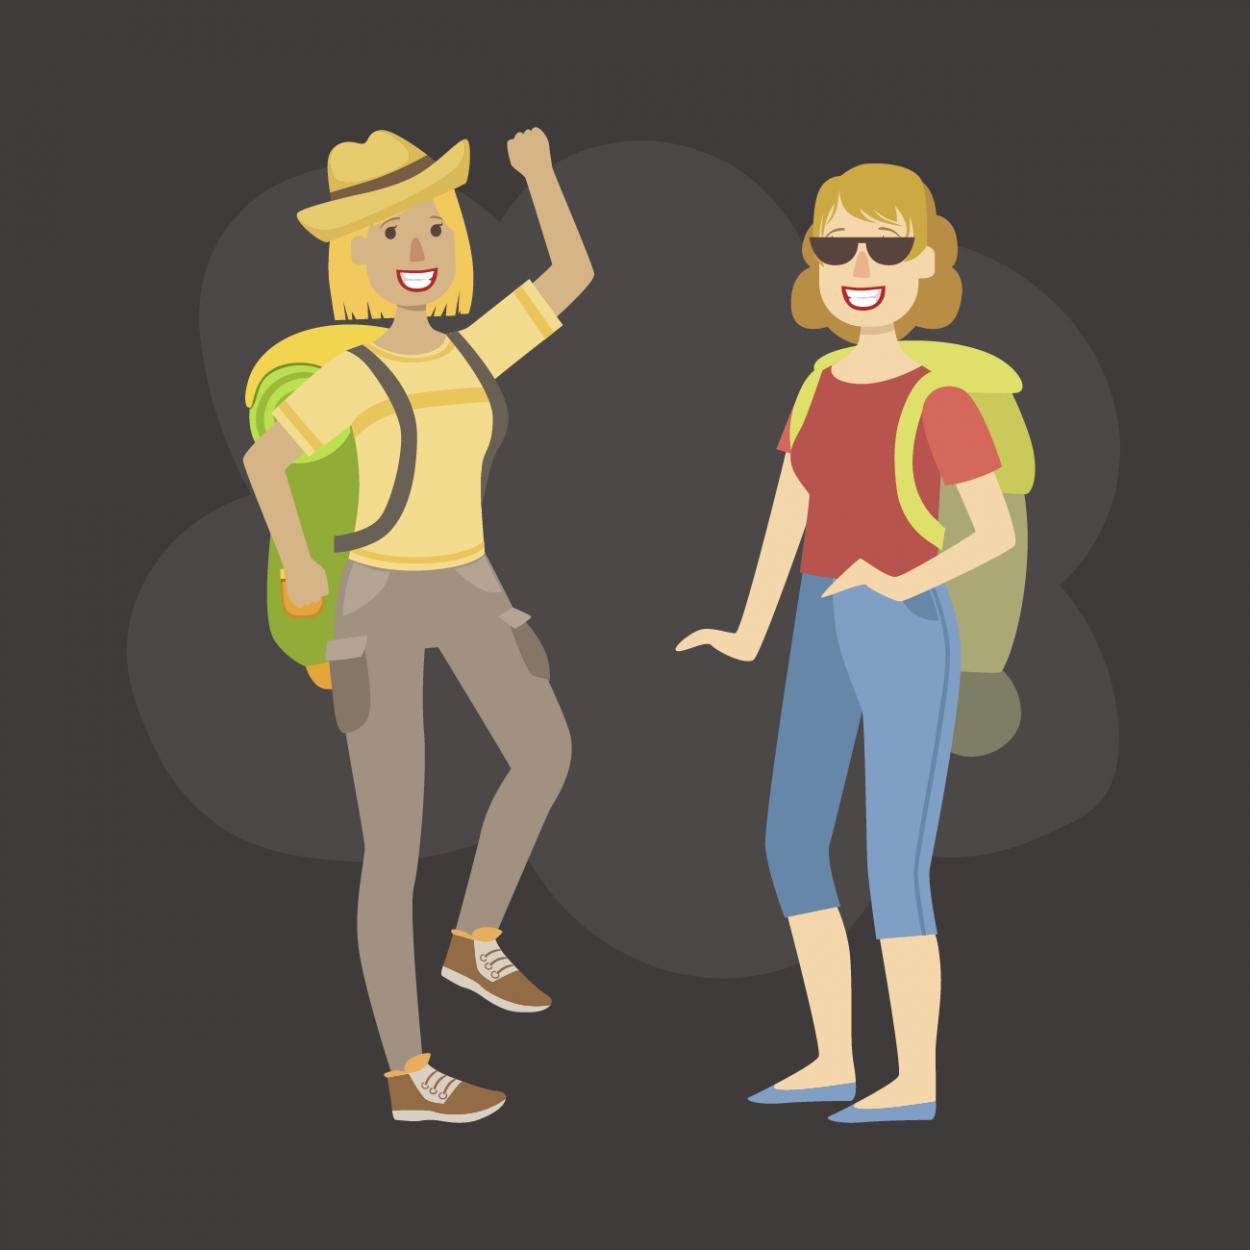 Анекдот про спор двух блондинок вовремя похода